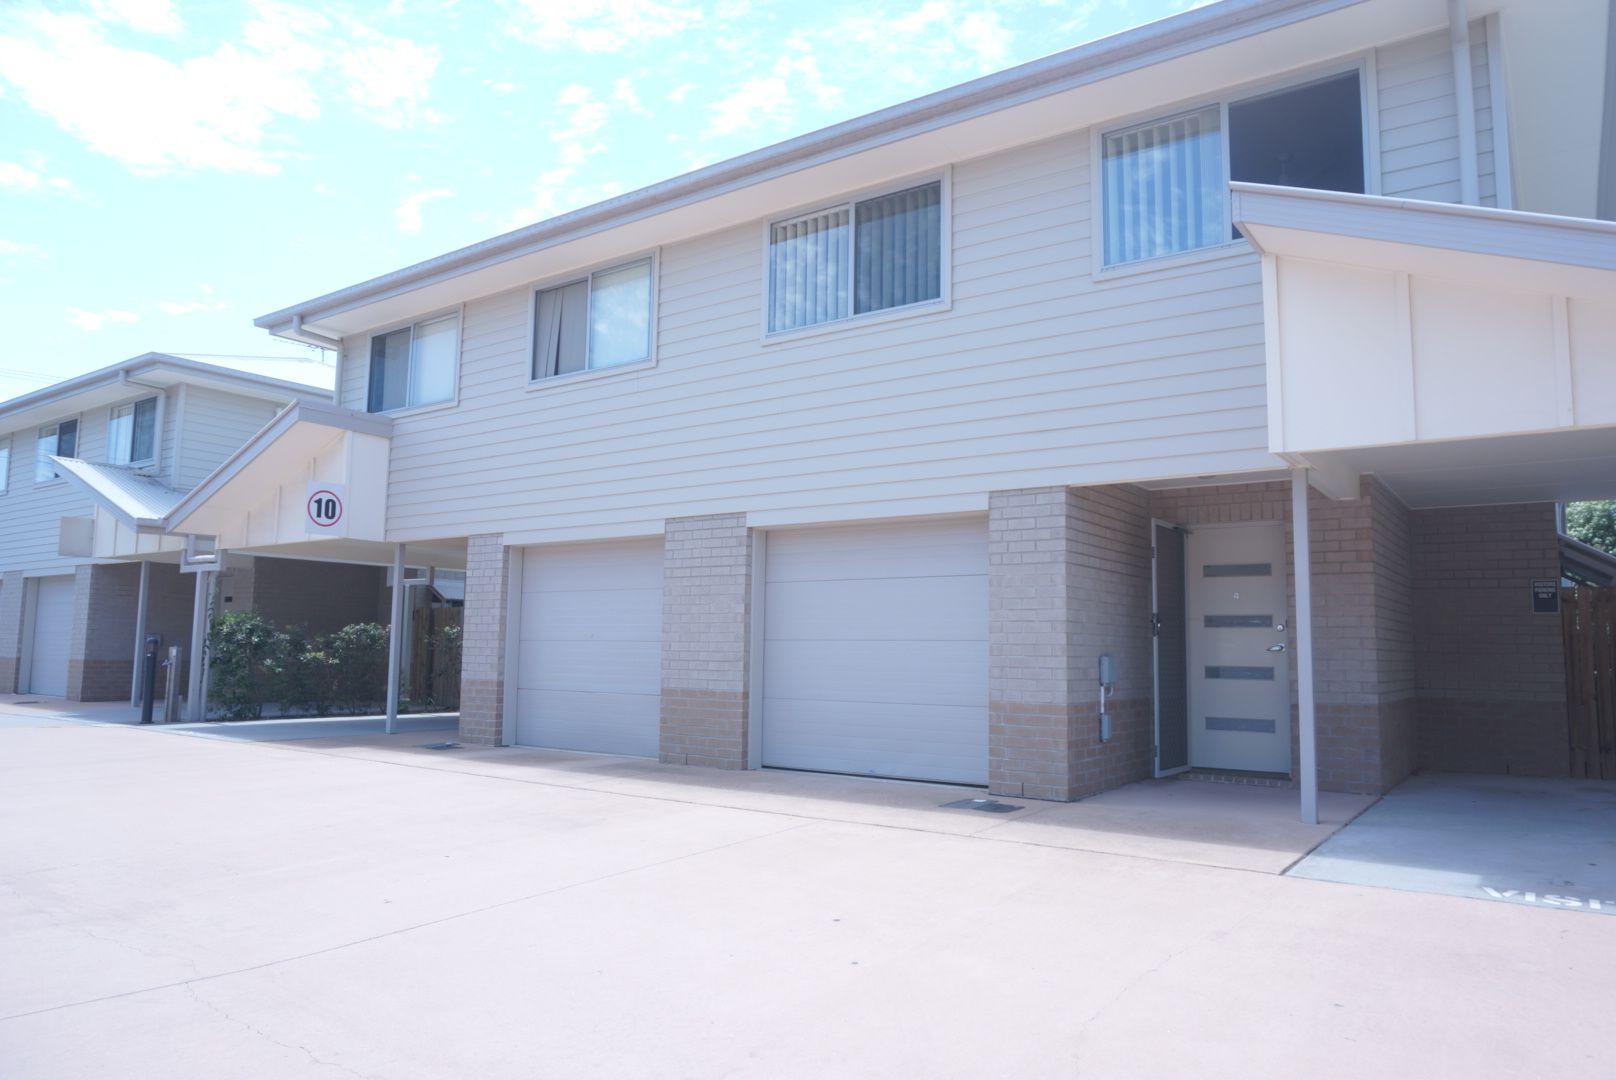 6/149 Duffield Rd, Kallangur QLD 4503, Image 0